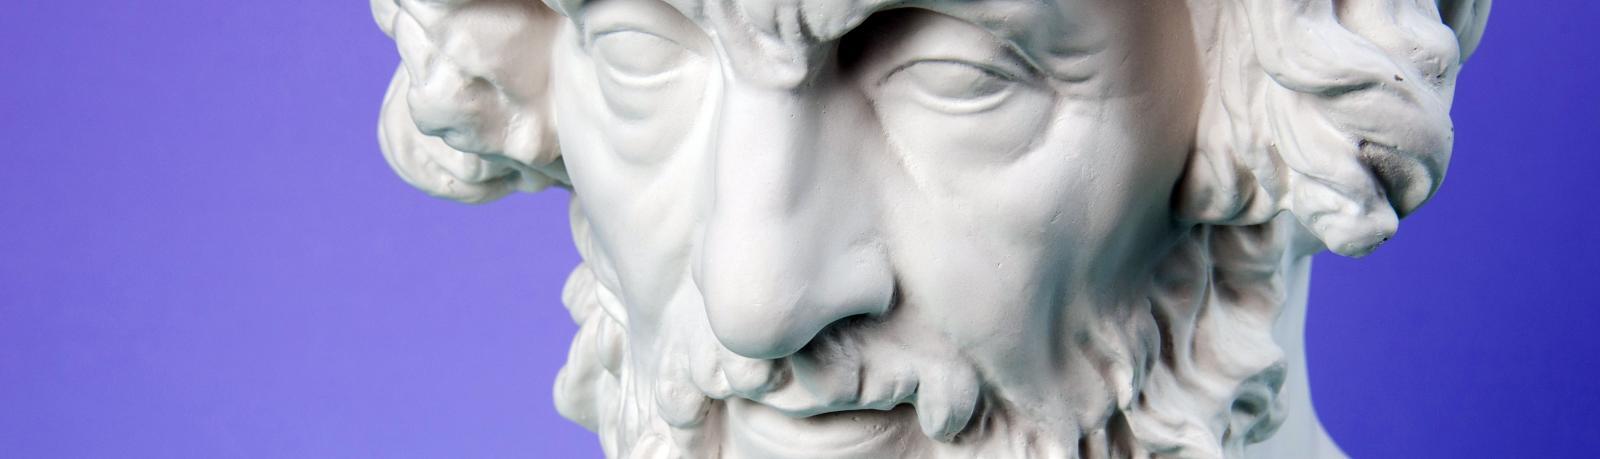 Sculpture Homère grèce antique